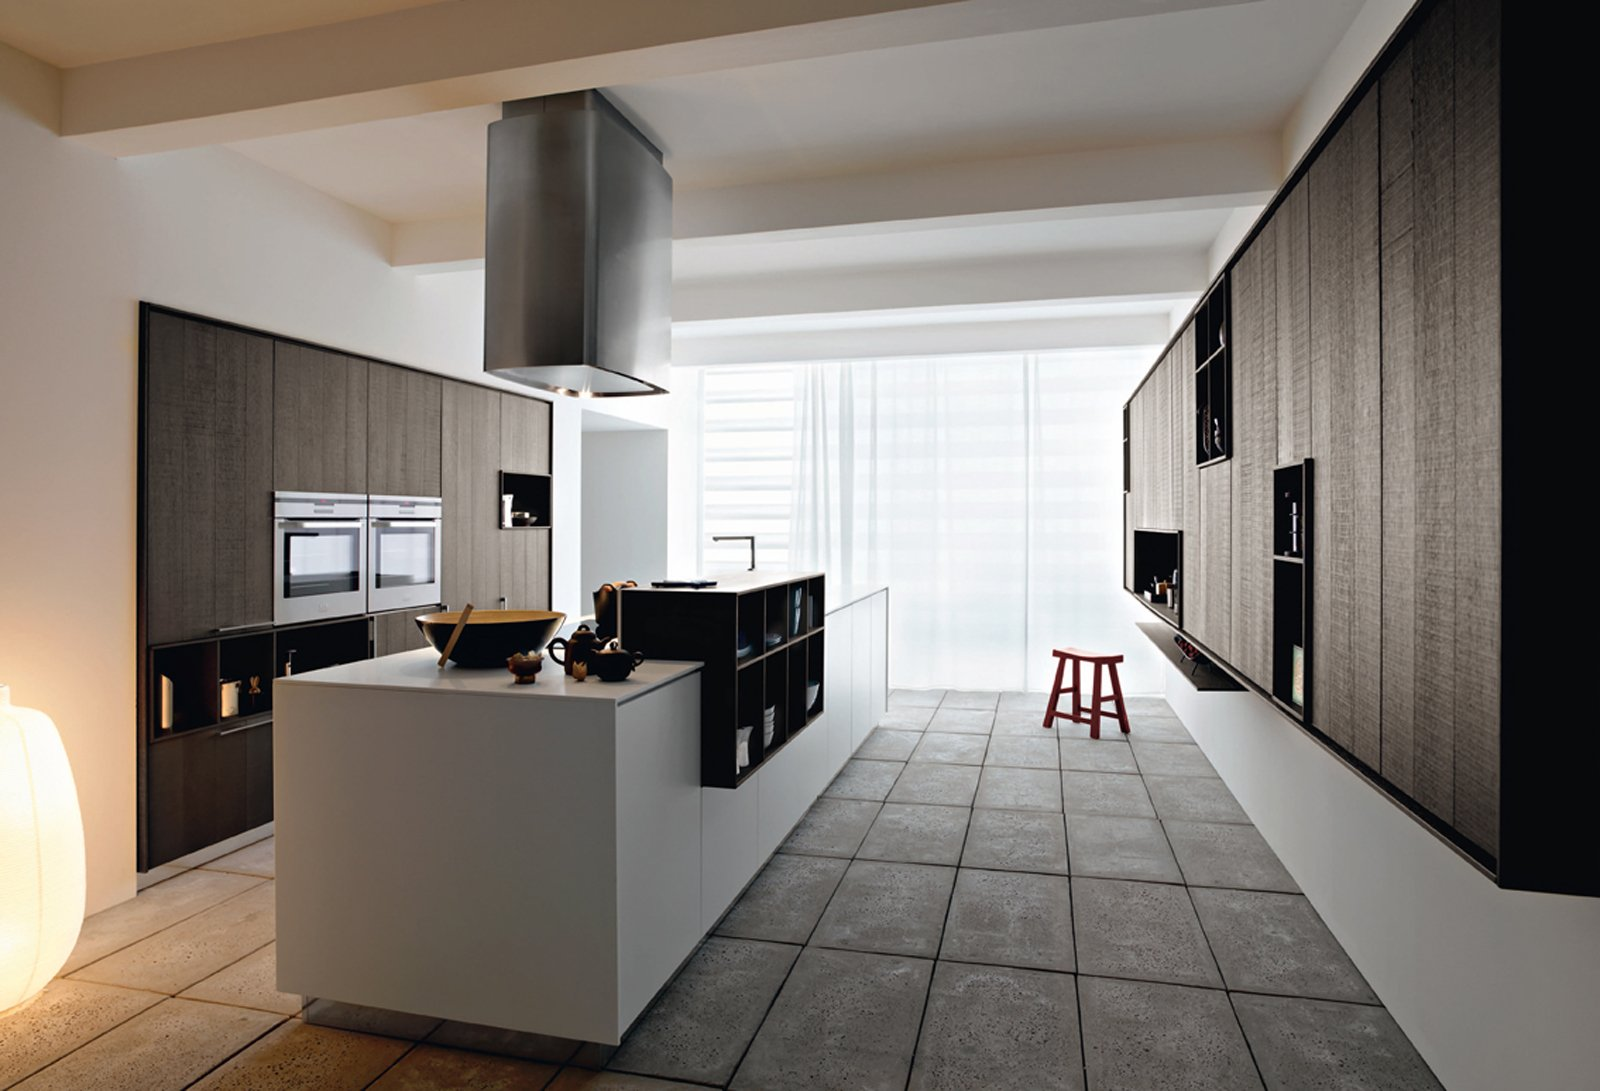 Cucine con isola cose di casa for Cucina a concetto aperta con isola